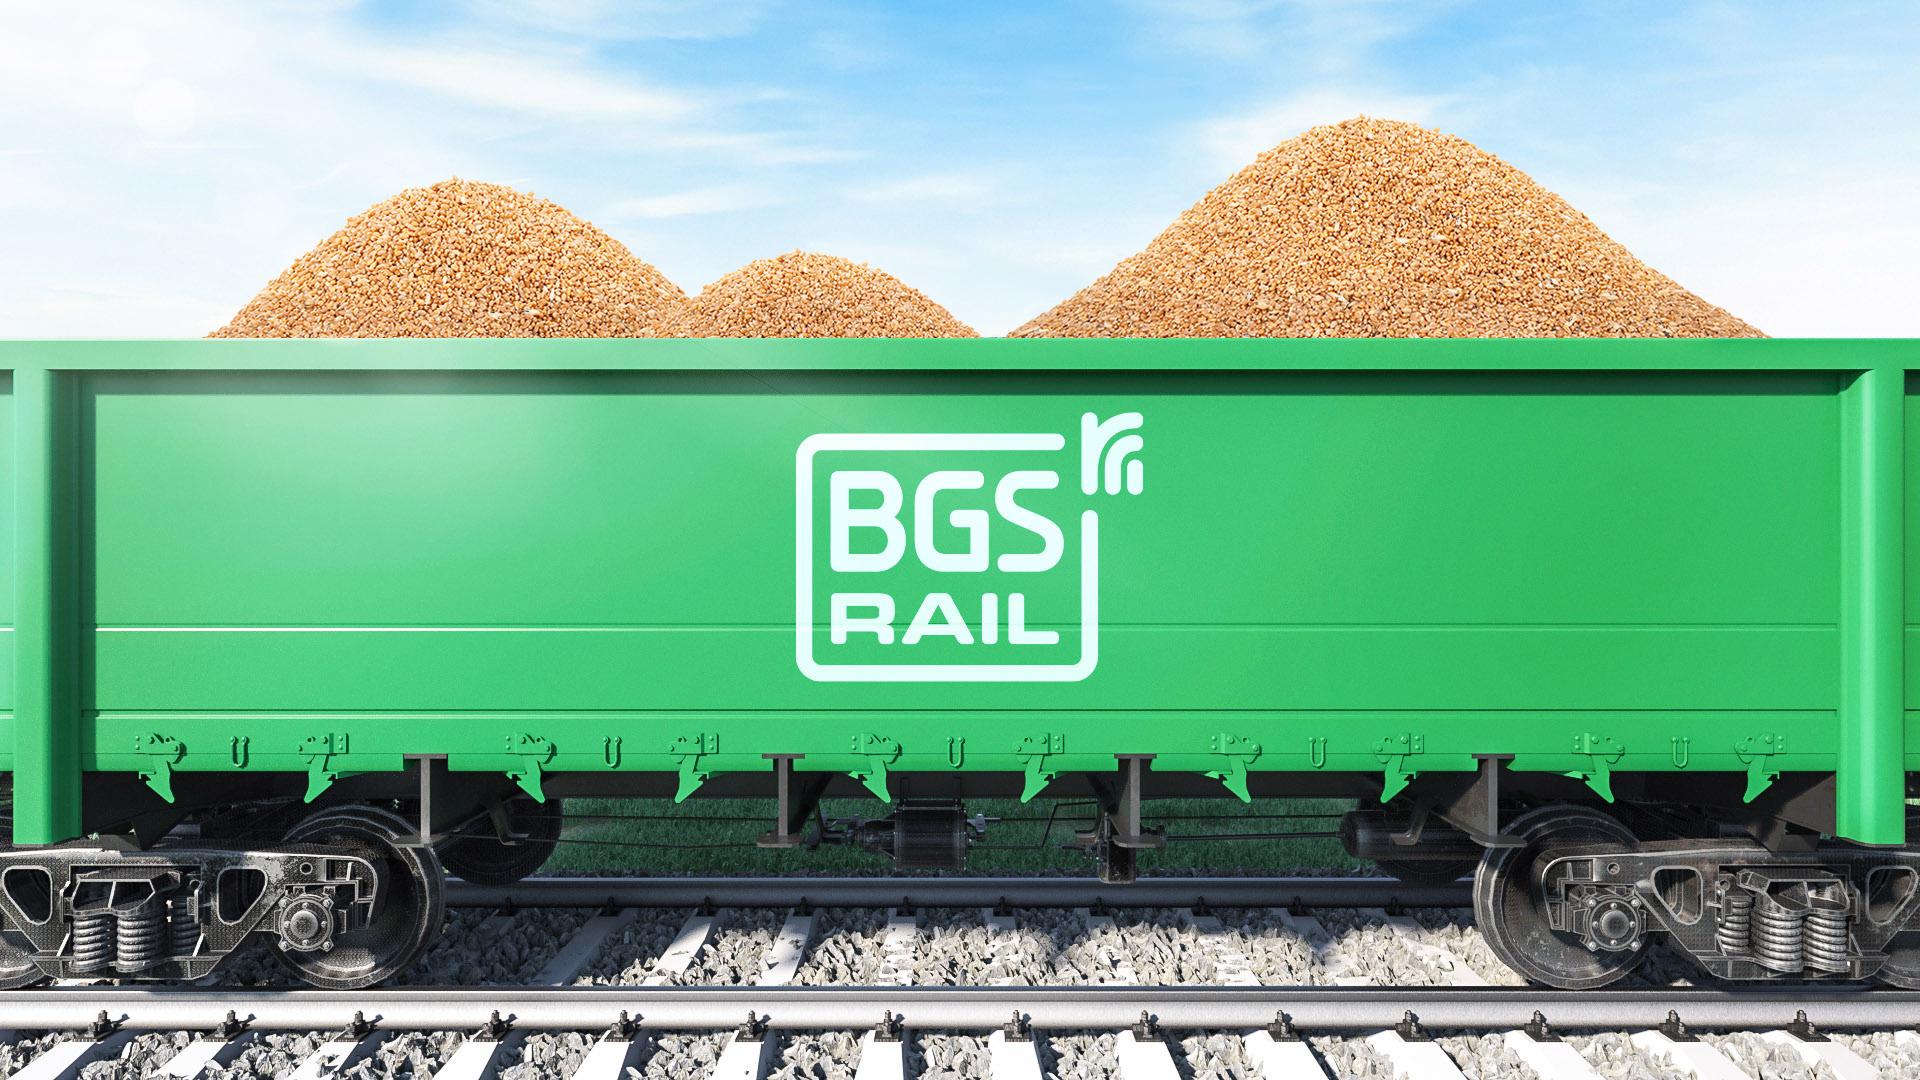 BGS Rail виграла тендер у Астарта холдинг на перевезення 100 000 тонн зернових